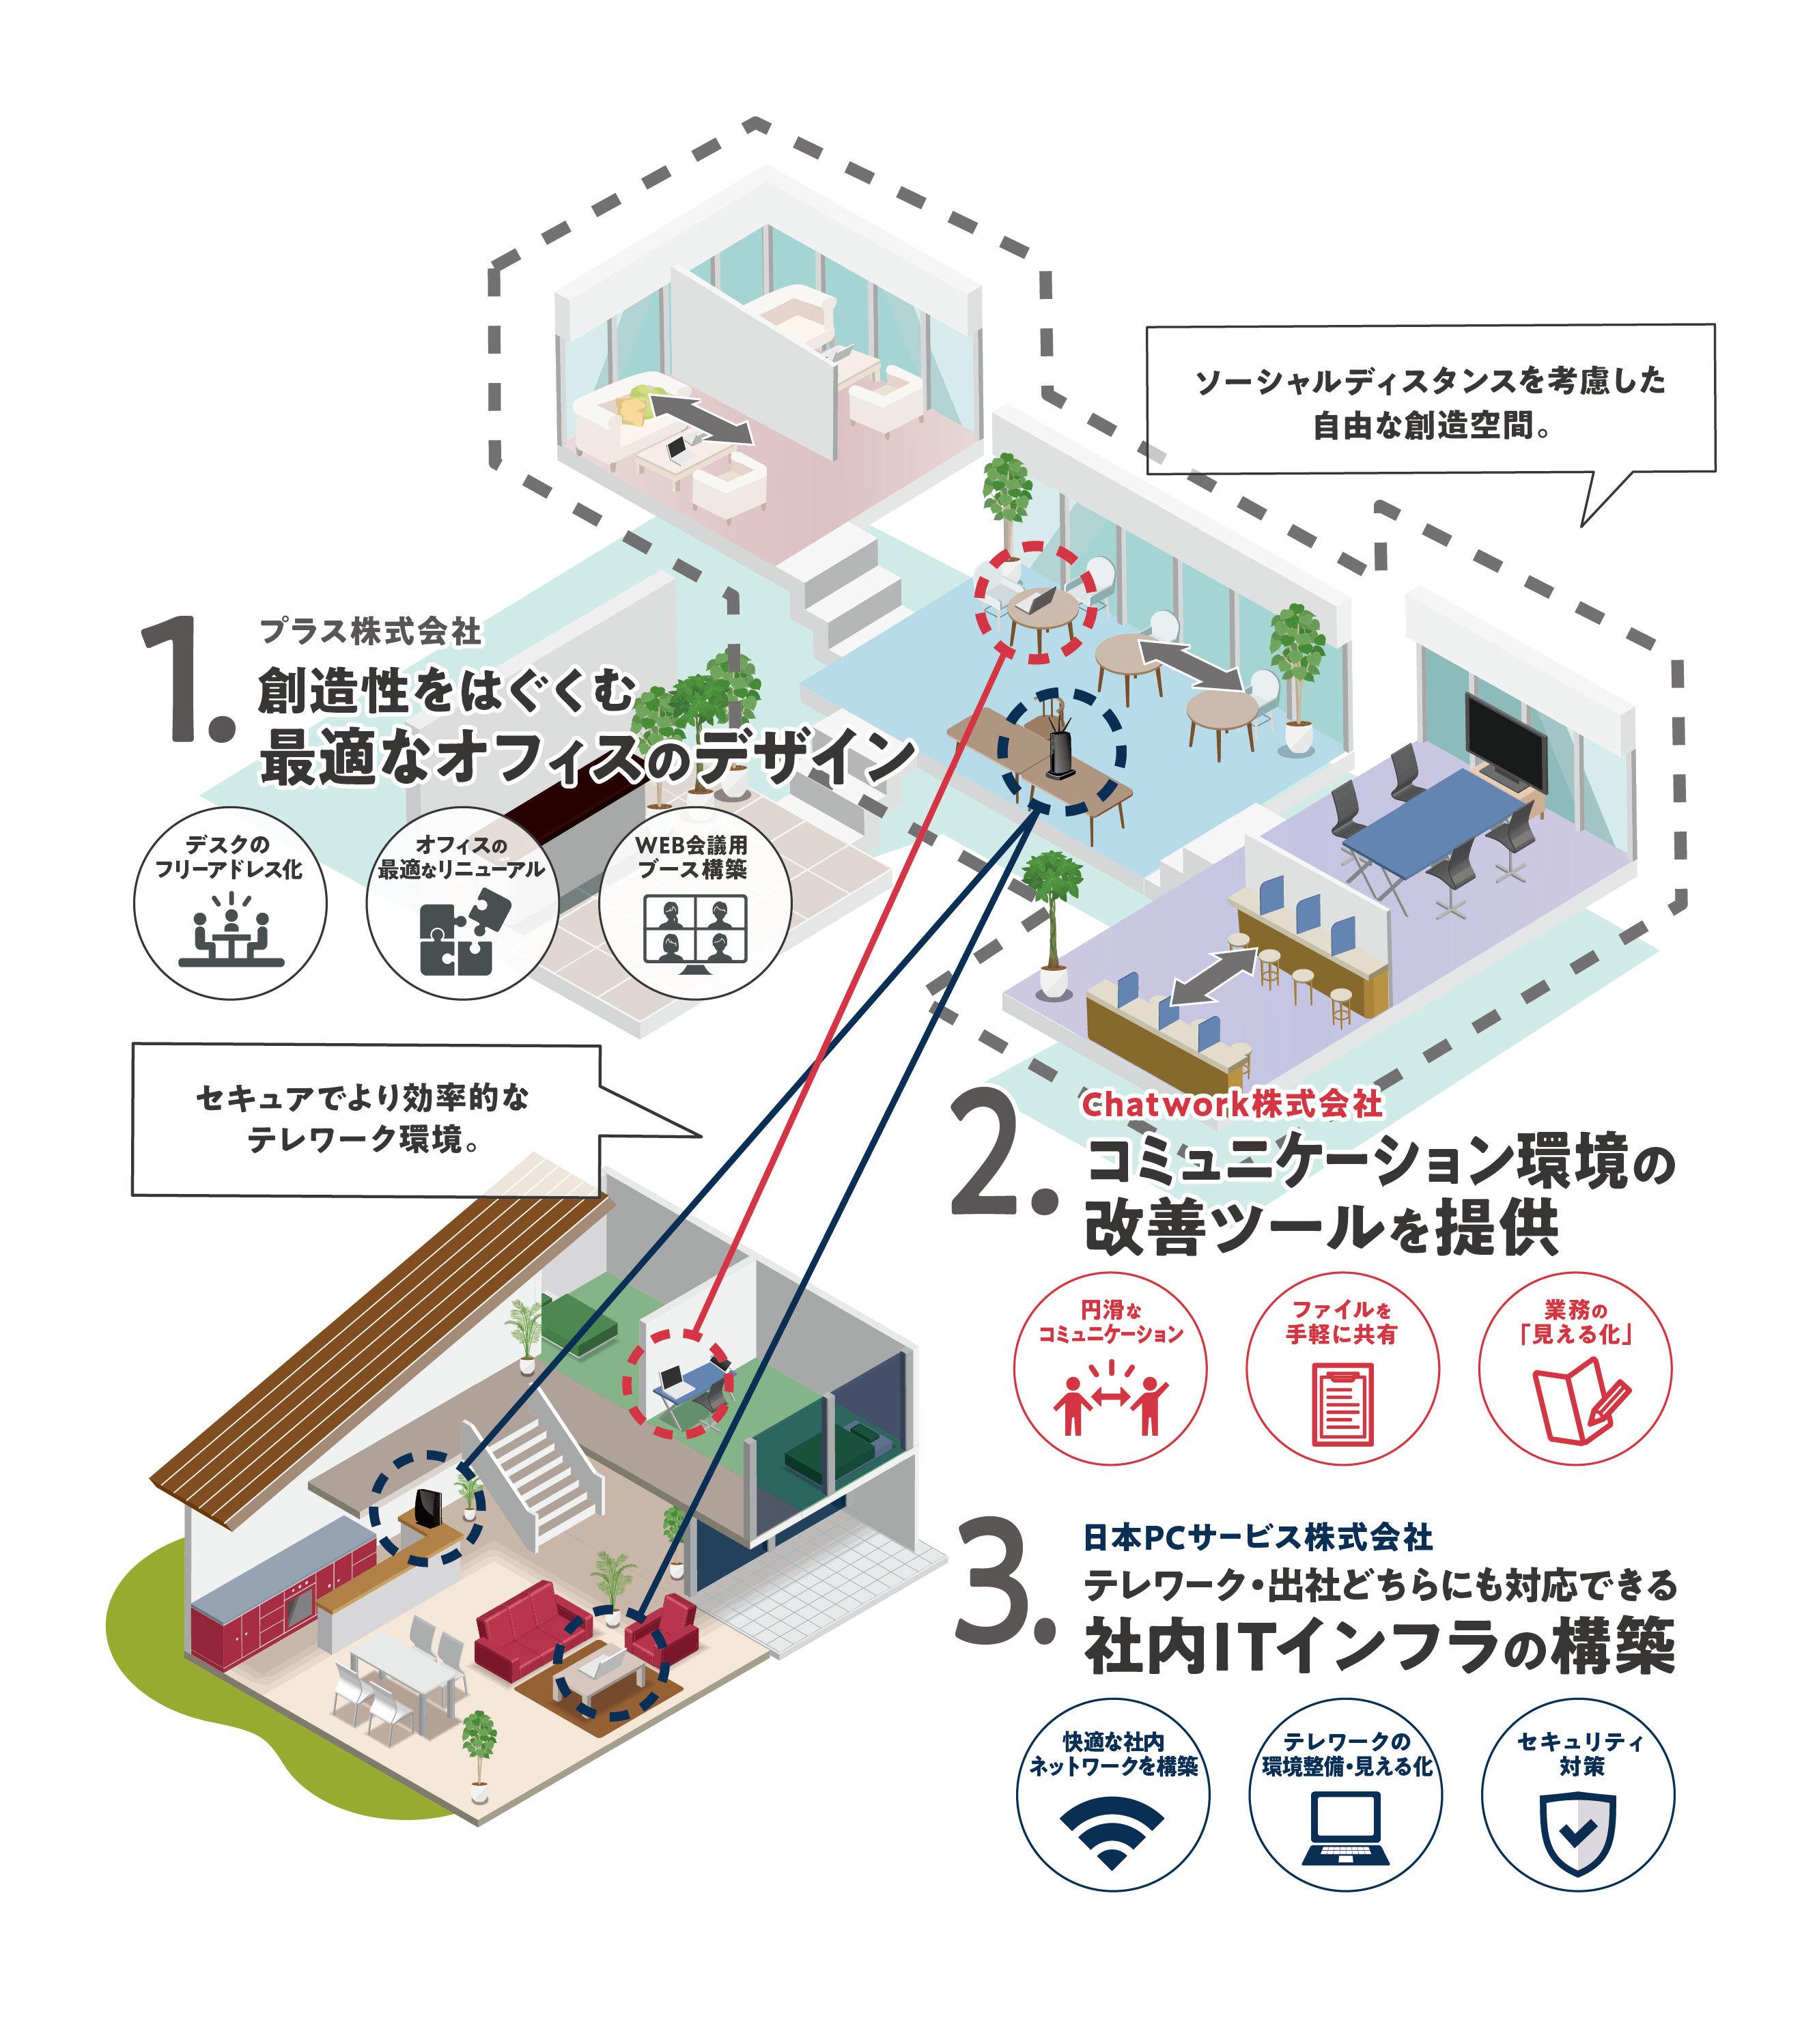 構築 テレワーク 環境